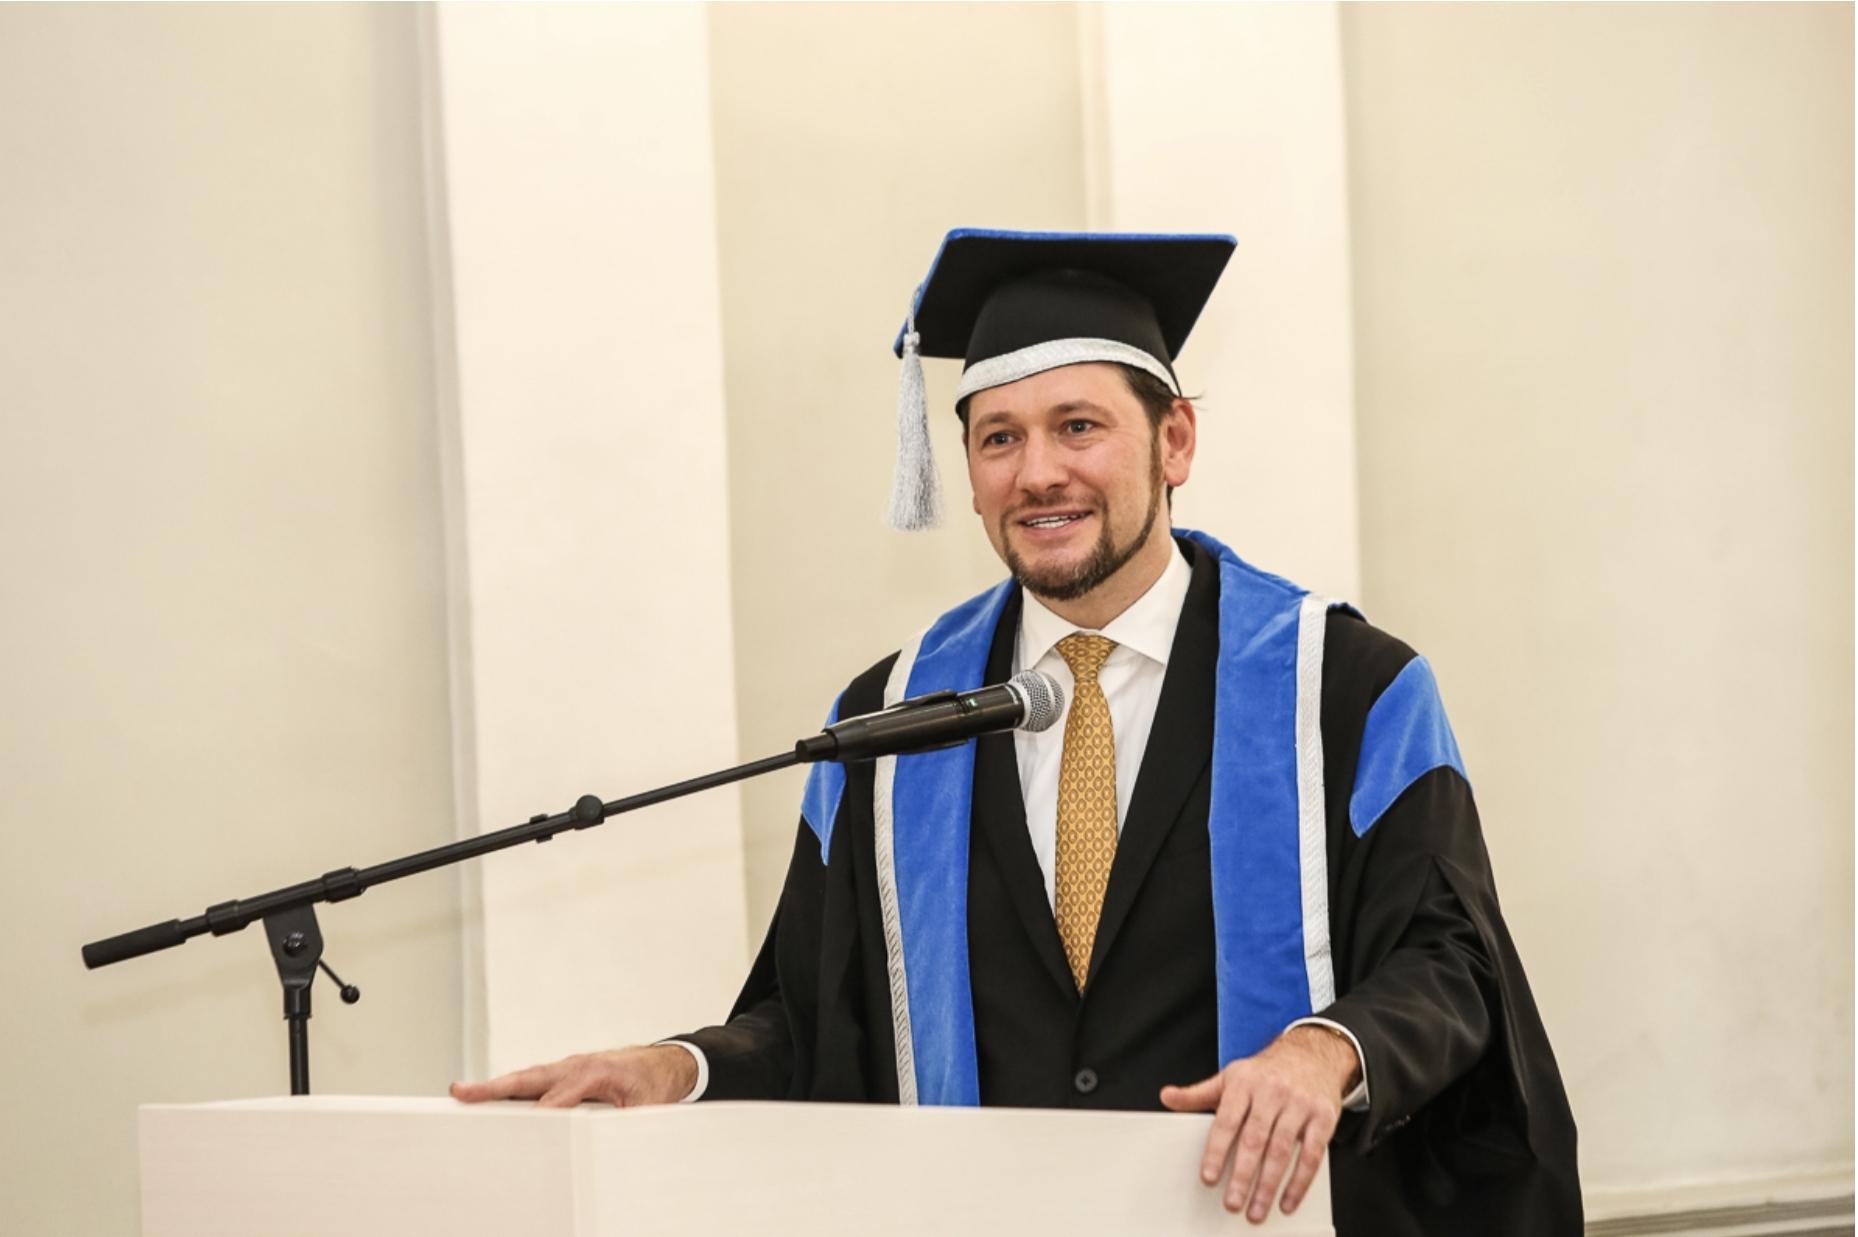 Дамир Мухетдинов: СПбГУ — один из столпов исламского обновленчества в России